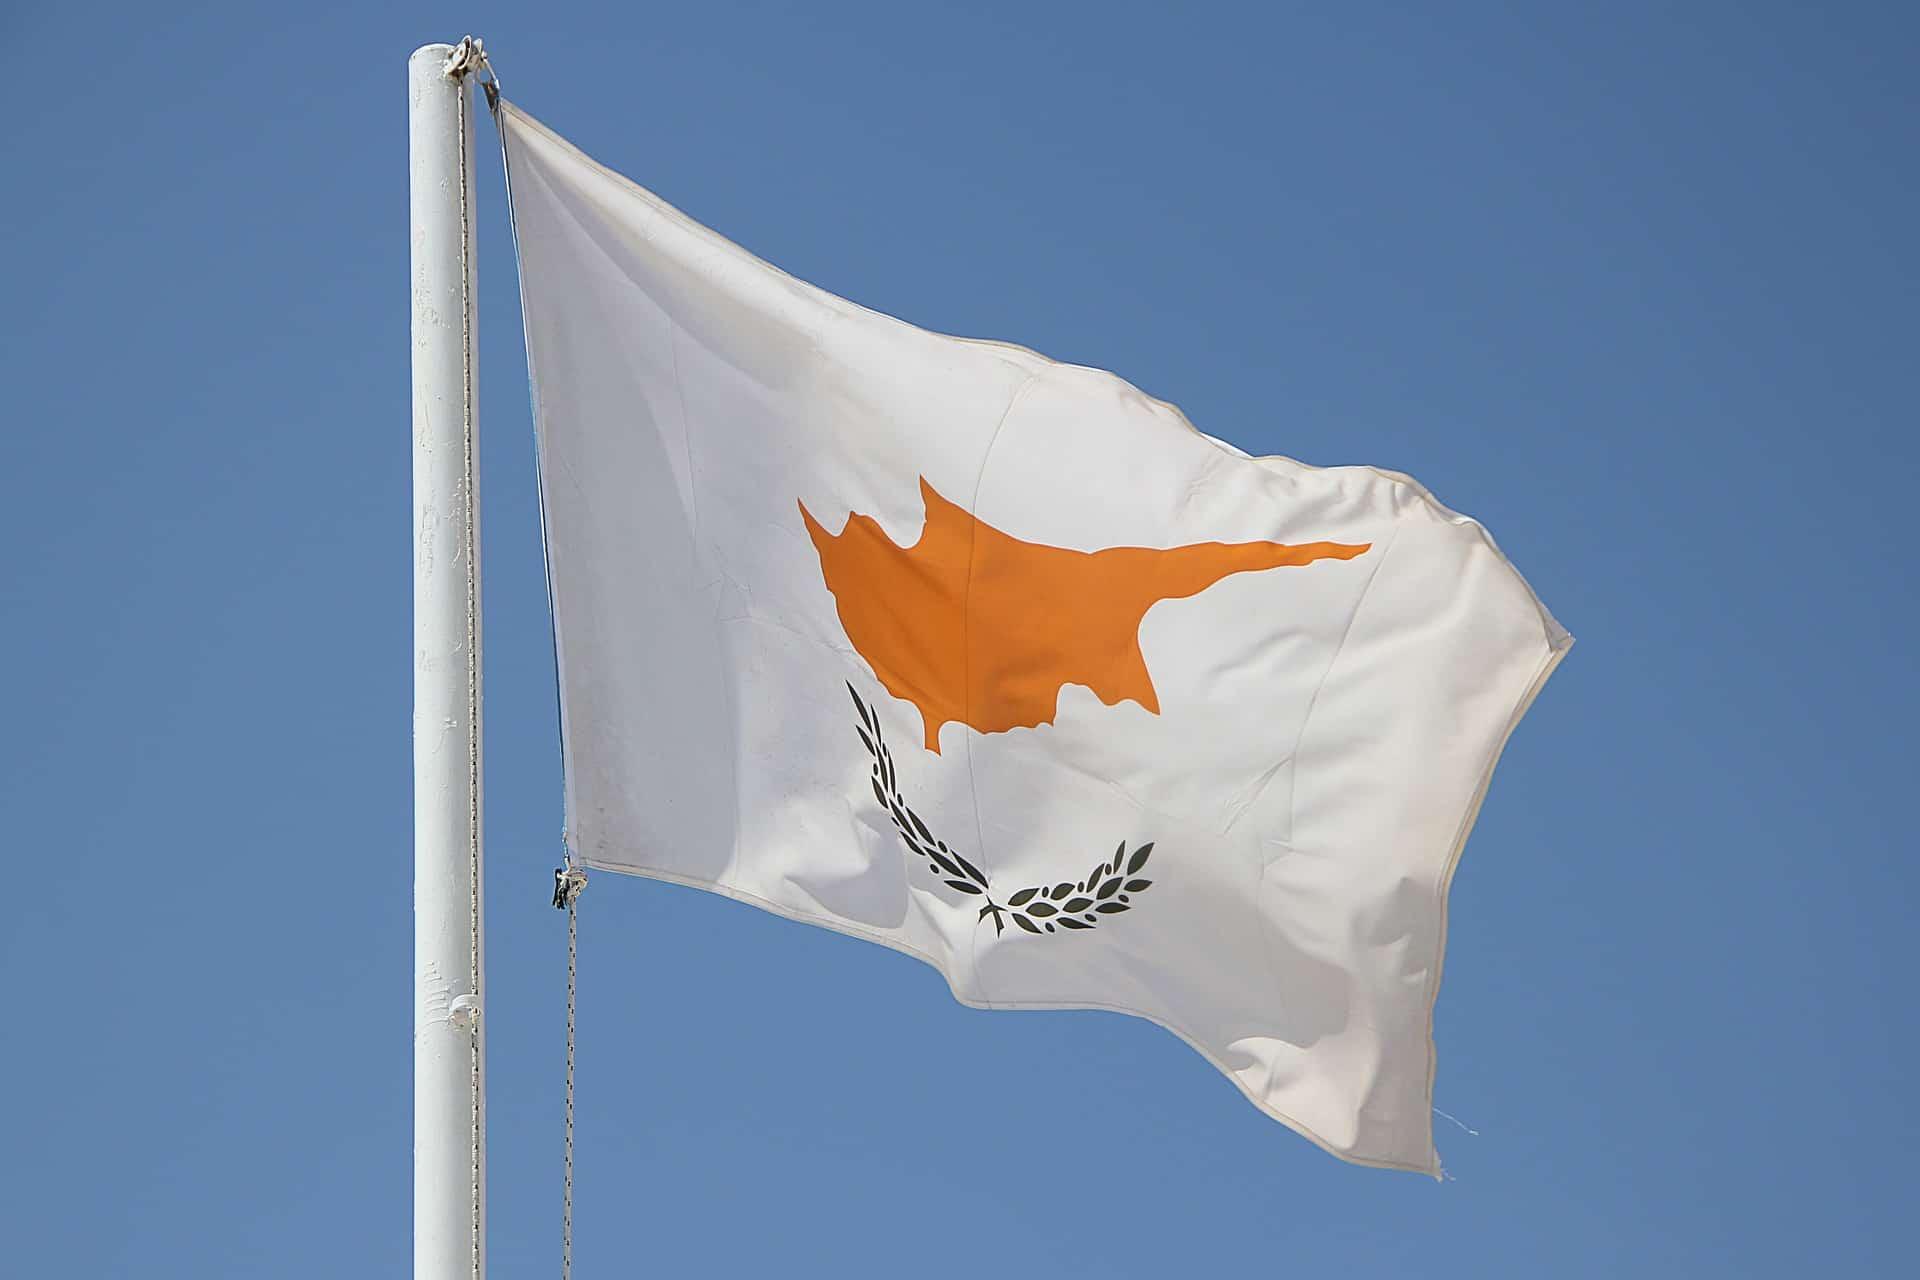 The Cyprus flag on a flag pole